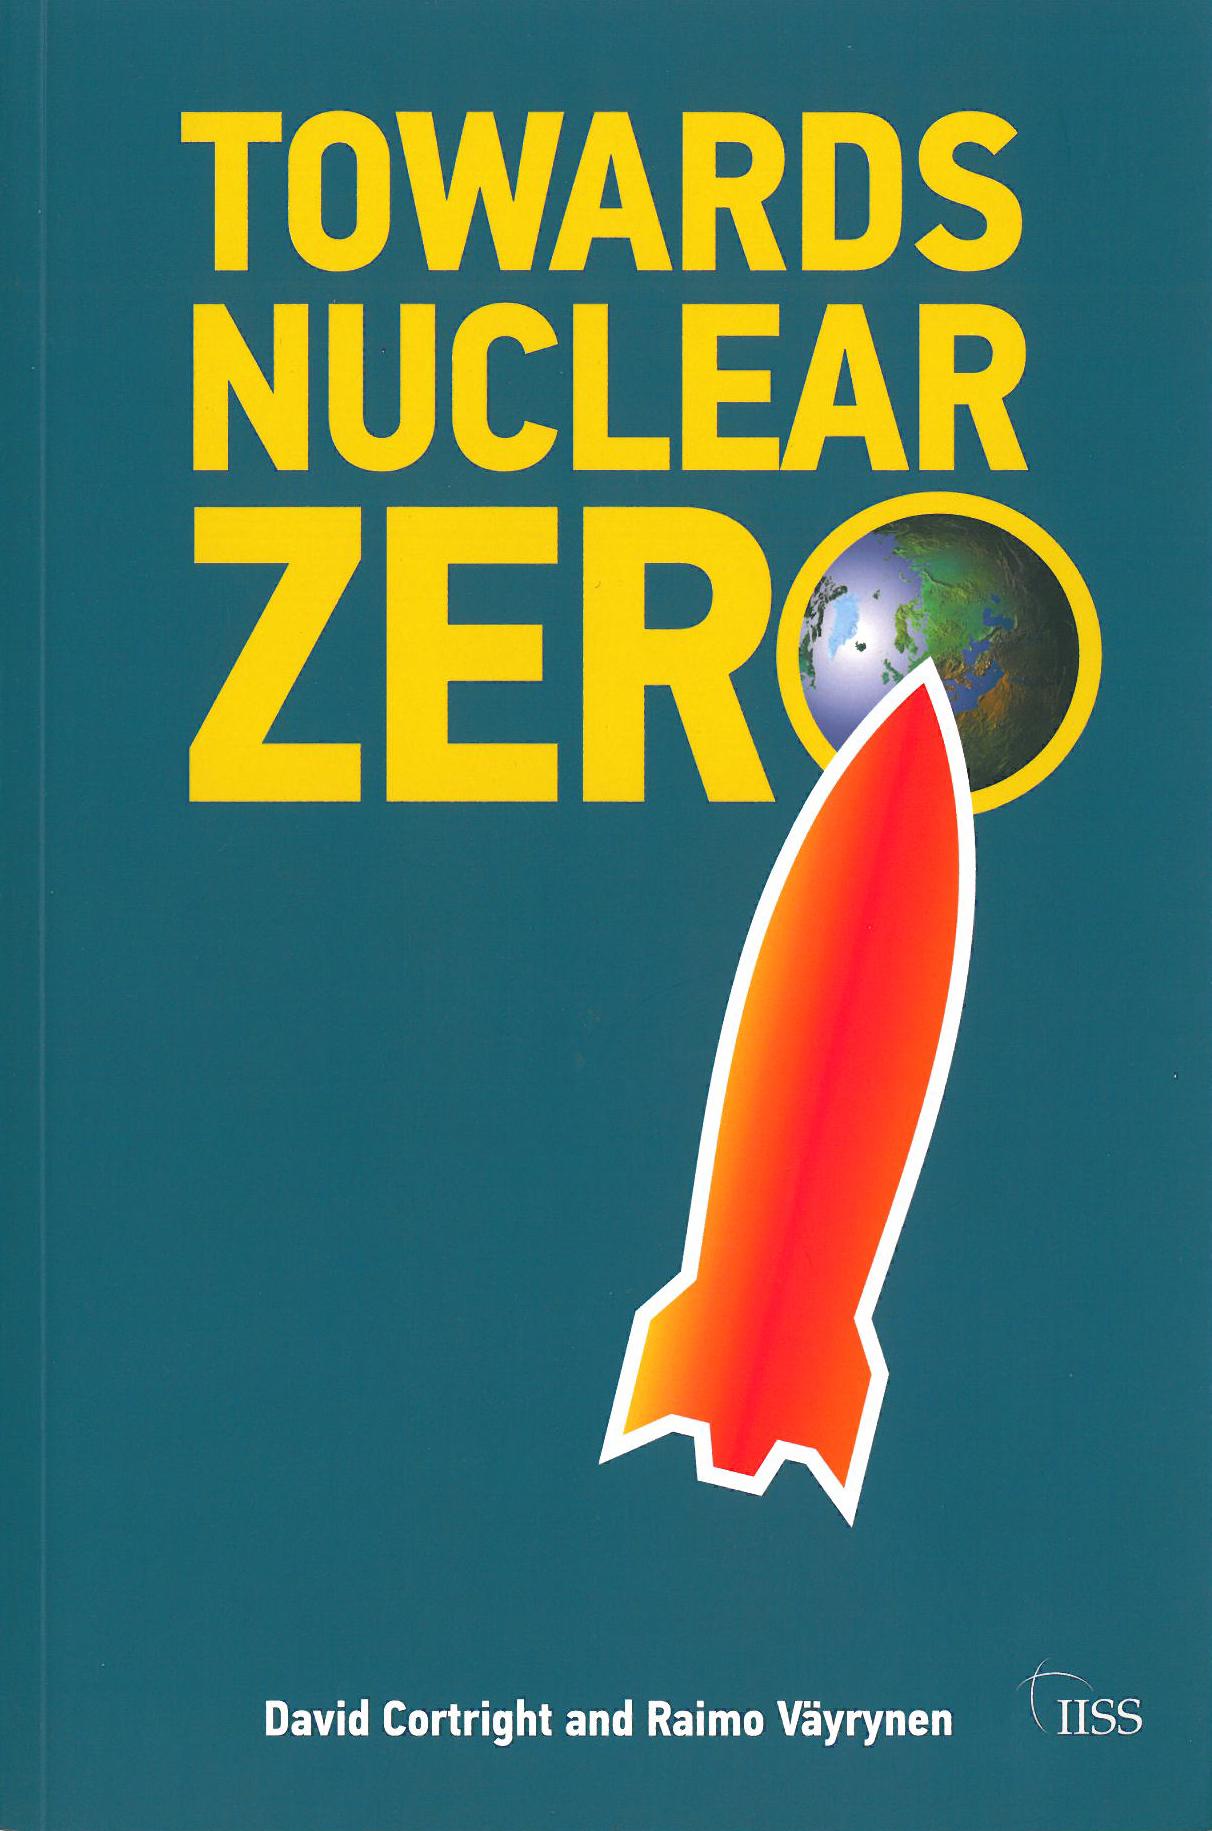 David Cortright ja Raimo Väyrynen: Towads Nuclear Zero. Routledge 2010, 182 s.